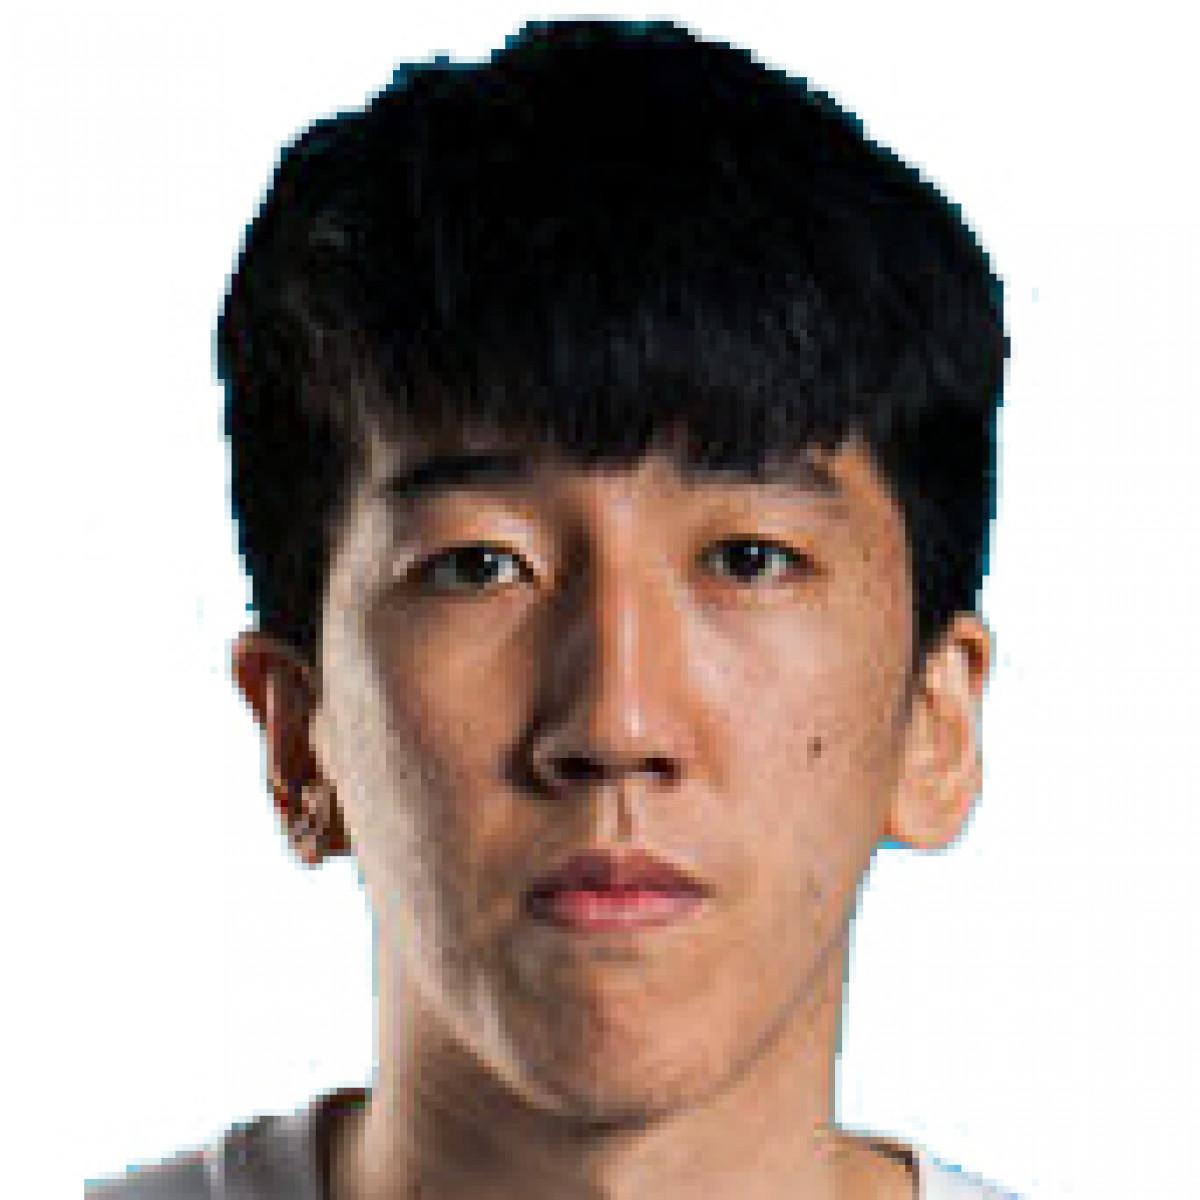 Zan Zong